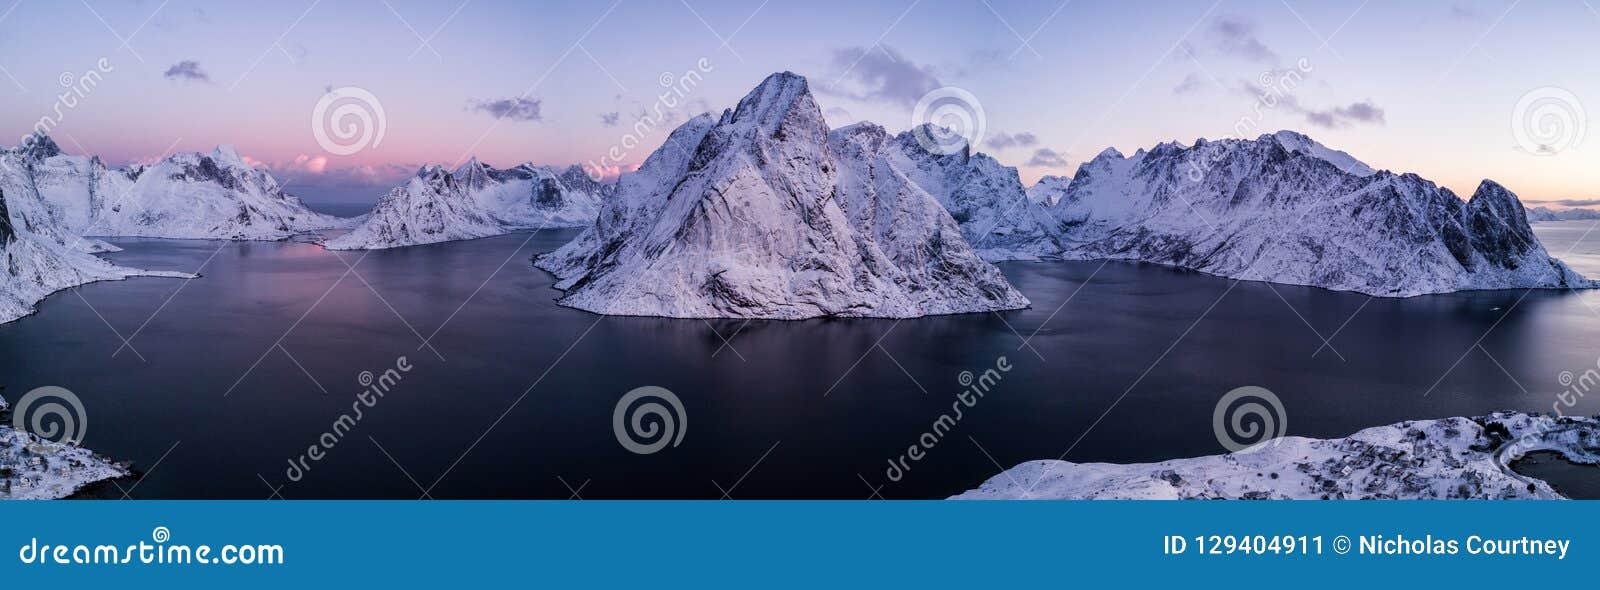 寄生虫照片-在Lofoten海岛的山的日出 雷讷,挪威